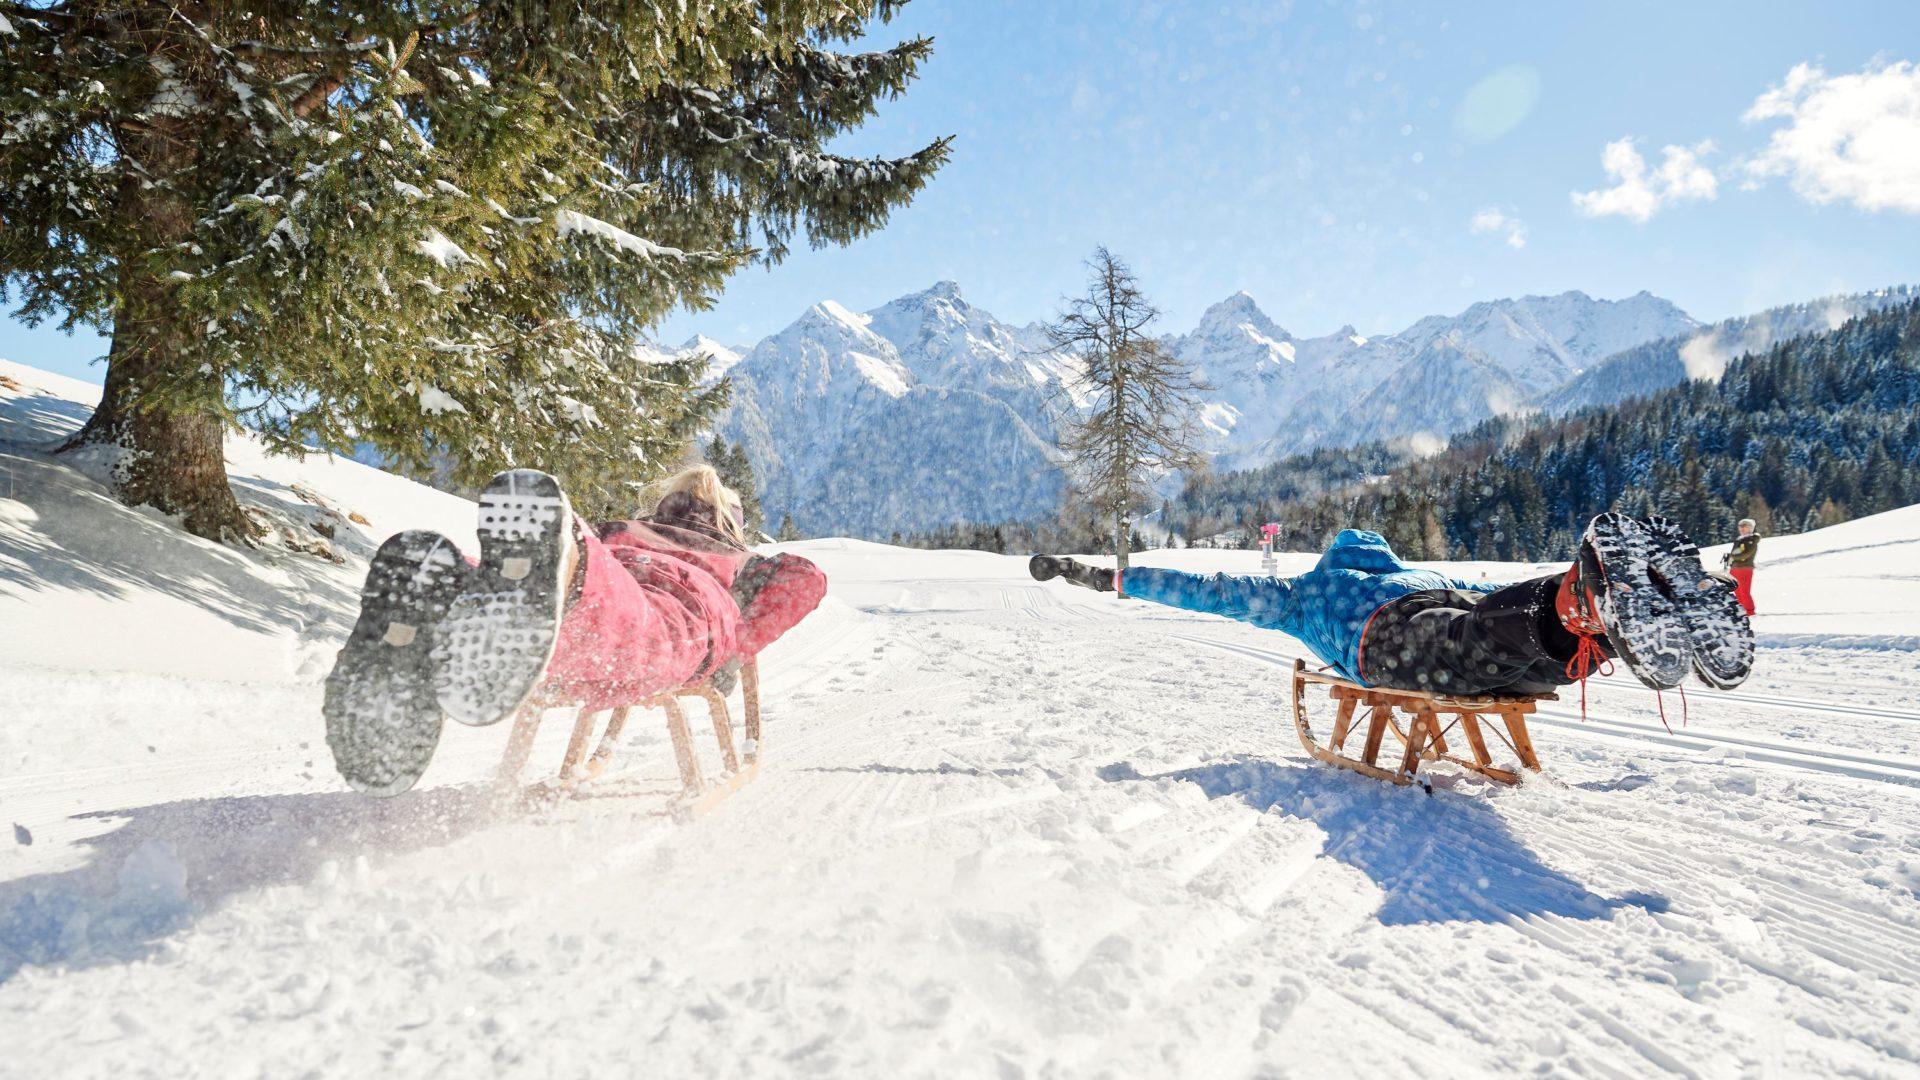 Die Rodelsafari - eine Kombination aus Rodeln und Winterwandern